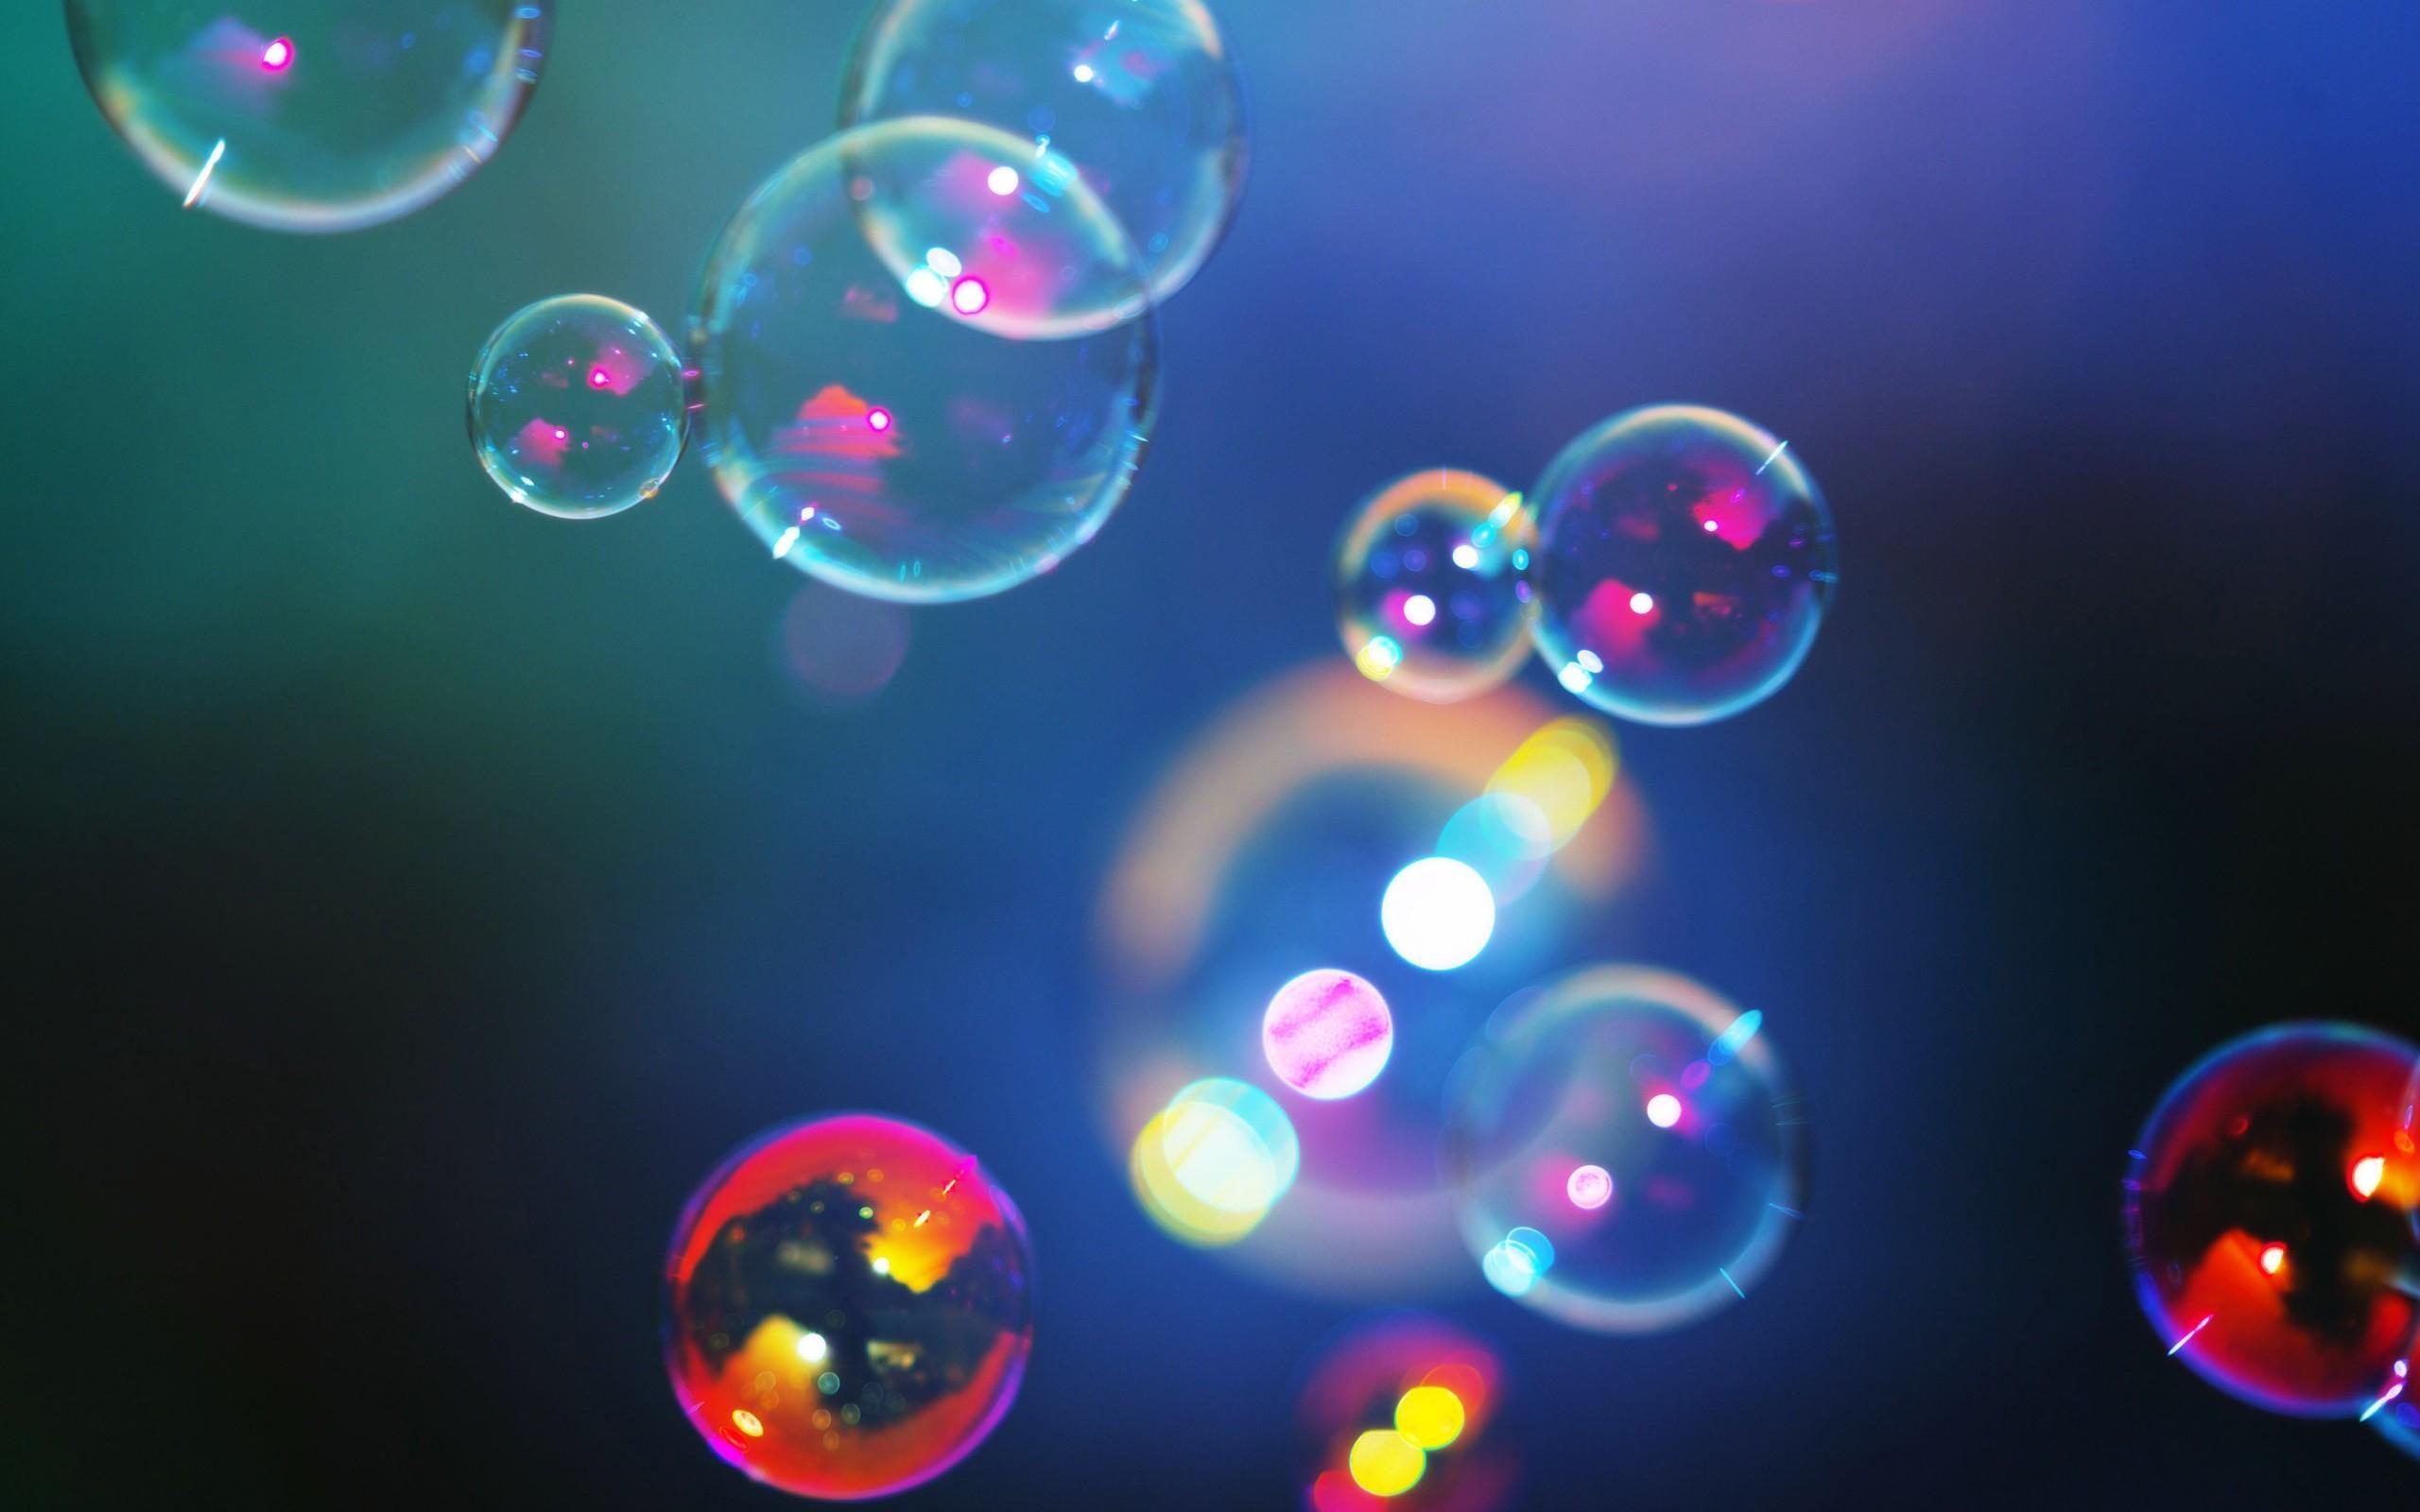 bubbles desktop 1024x768 - photo #23